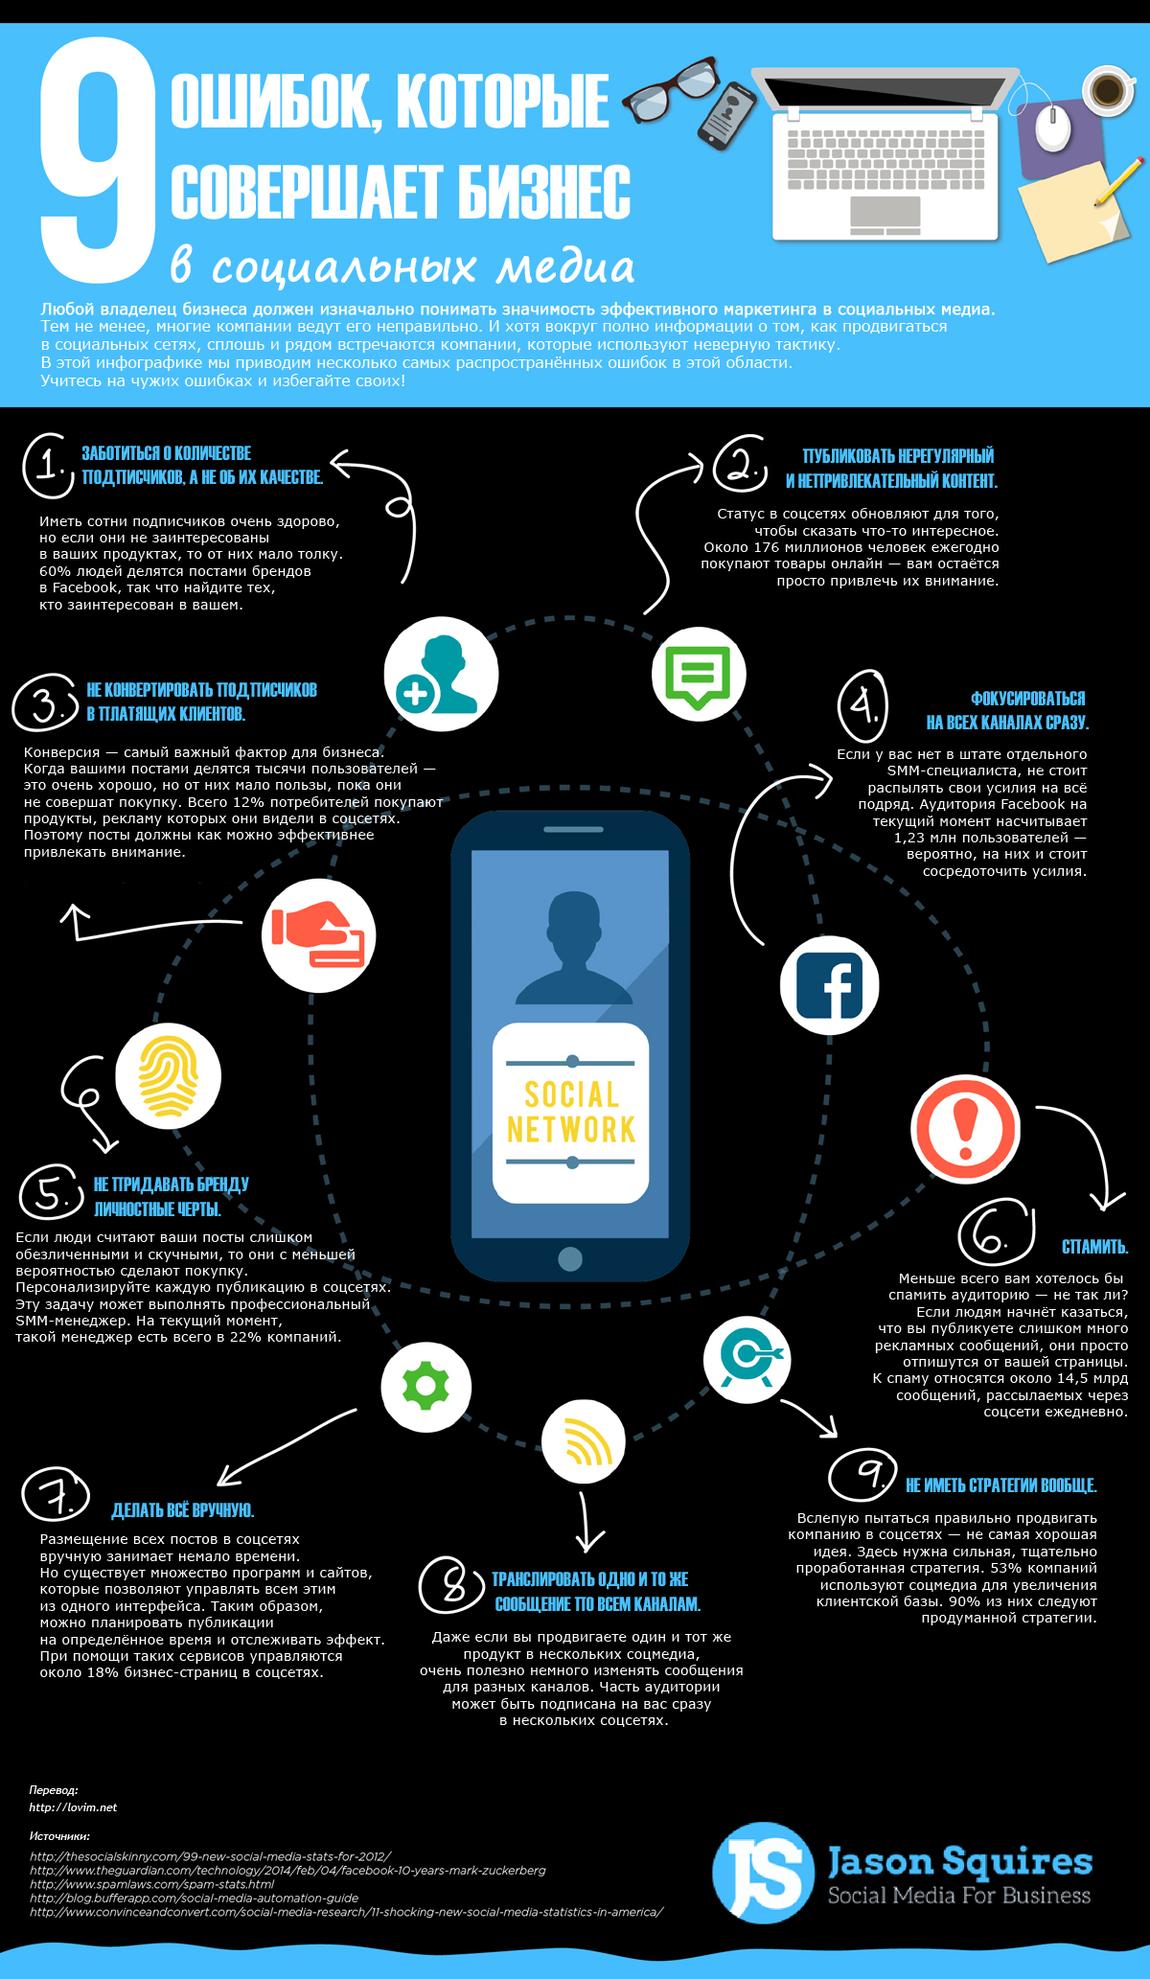 Девять самых распространённых ошибок SMM из инфографики предпринимателя Джейсона Сквайрса